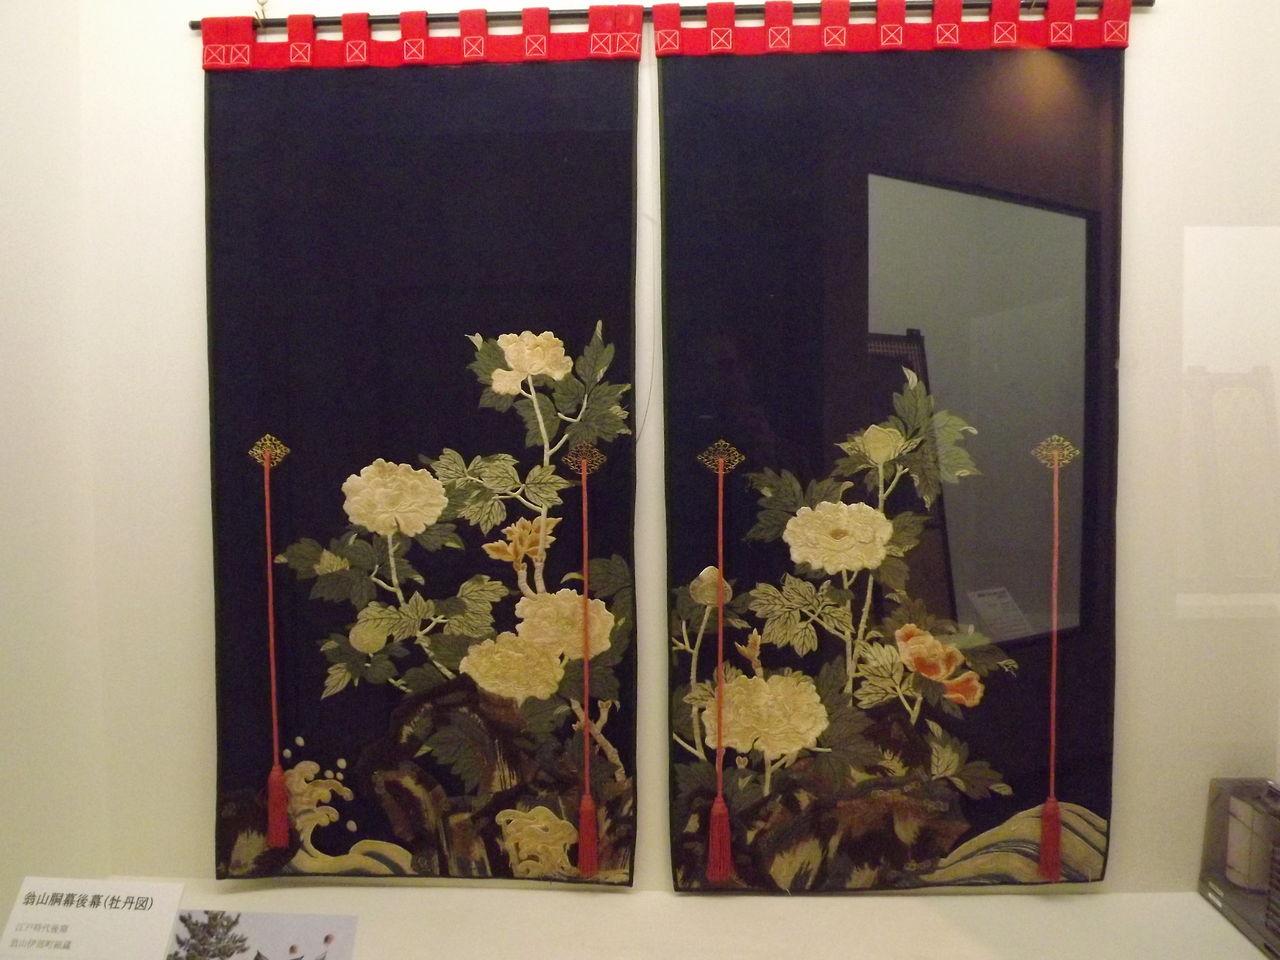 日本の桜草と美術 : 2013年02月